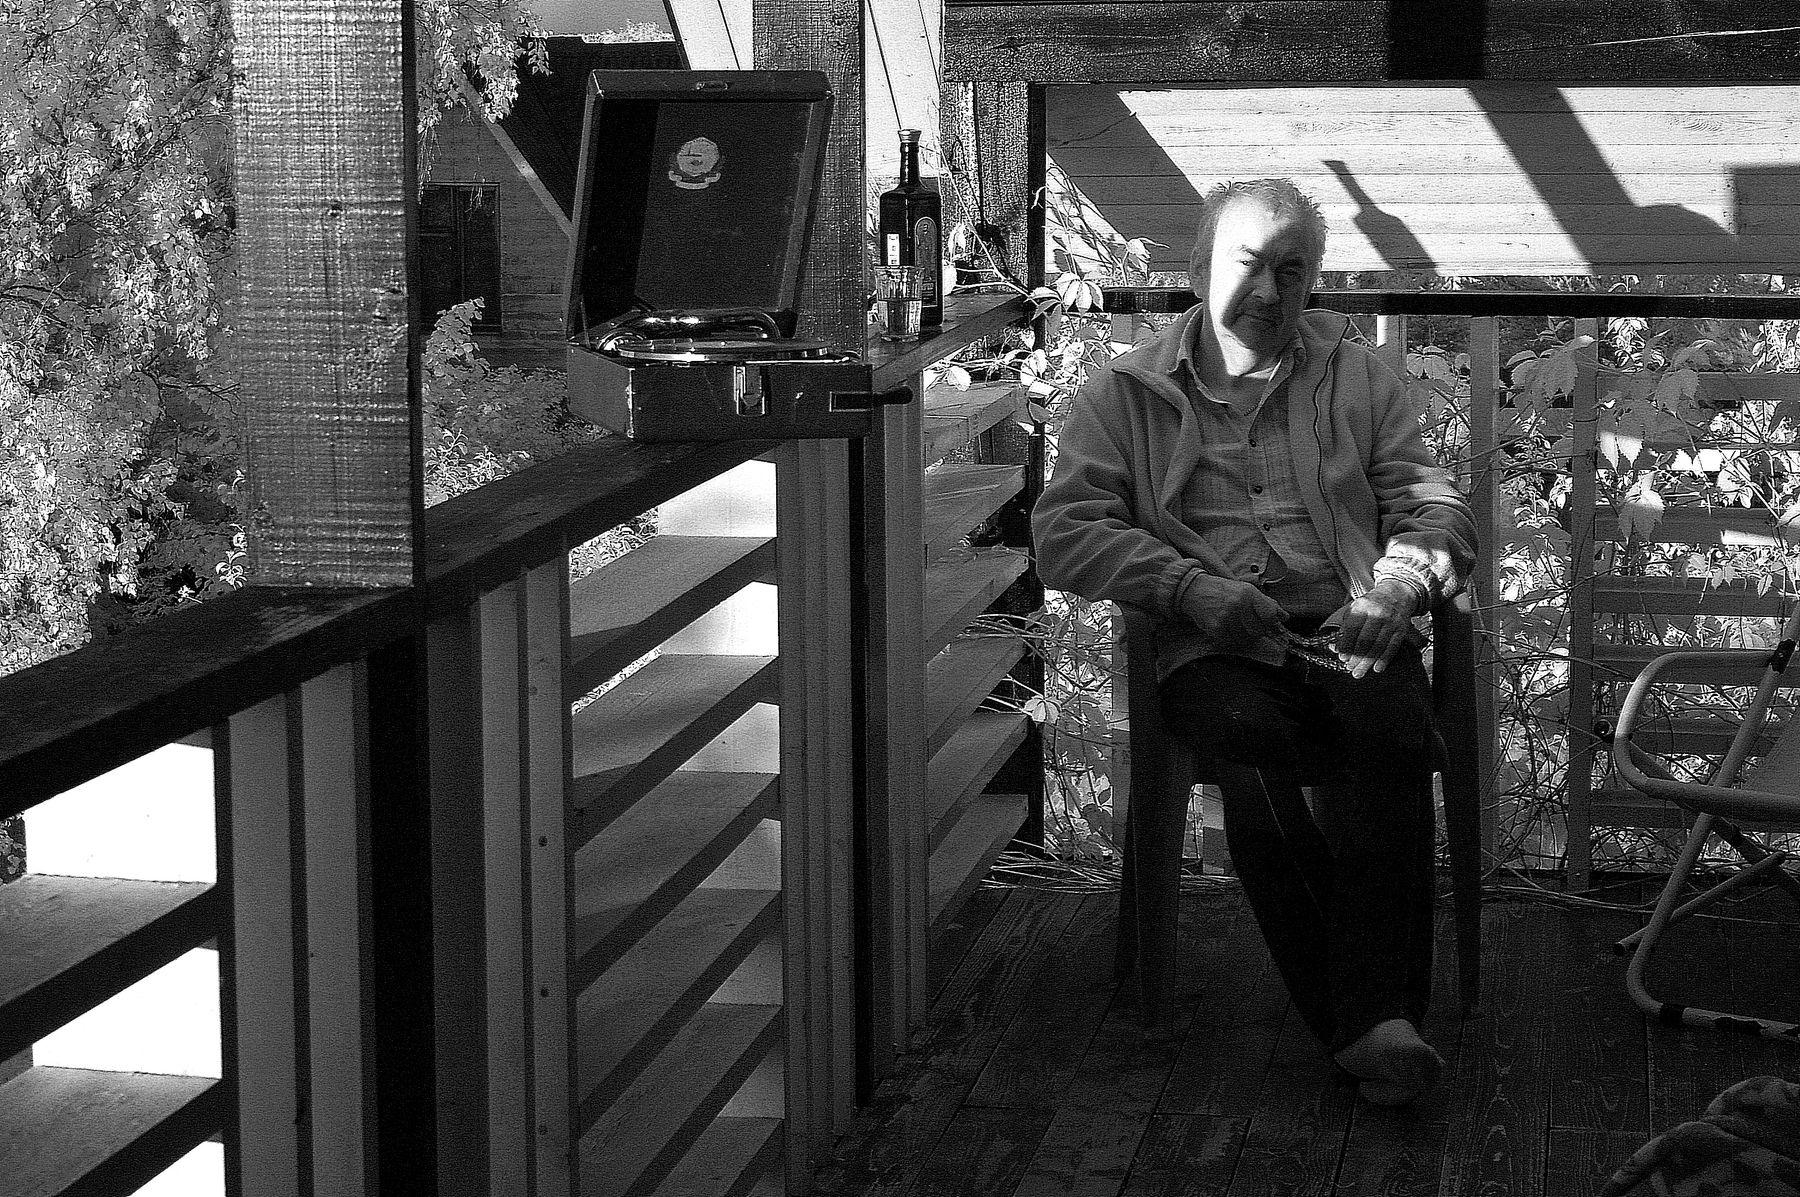 Чёрно-белая полоса..... Ярославль.Ярославская губерния.Р.Ф. 2019 г. от Р.Х. Монохромная инфракрасная фотография. Инфракрасная фотография